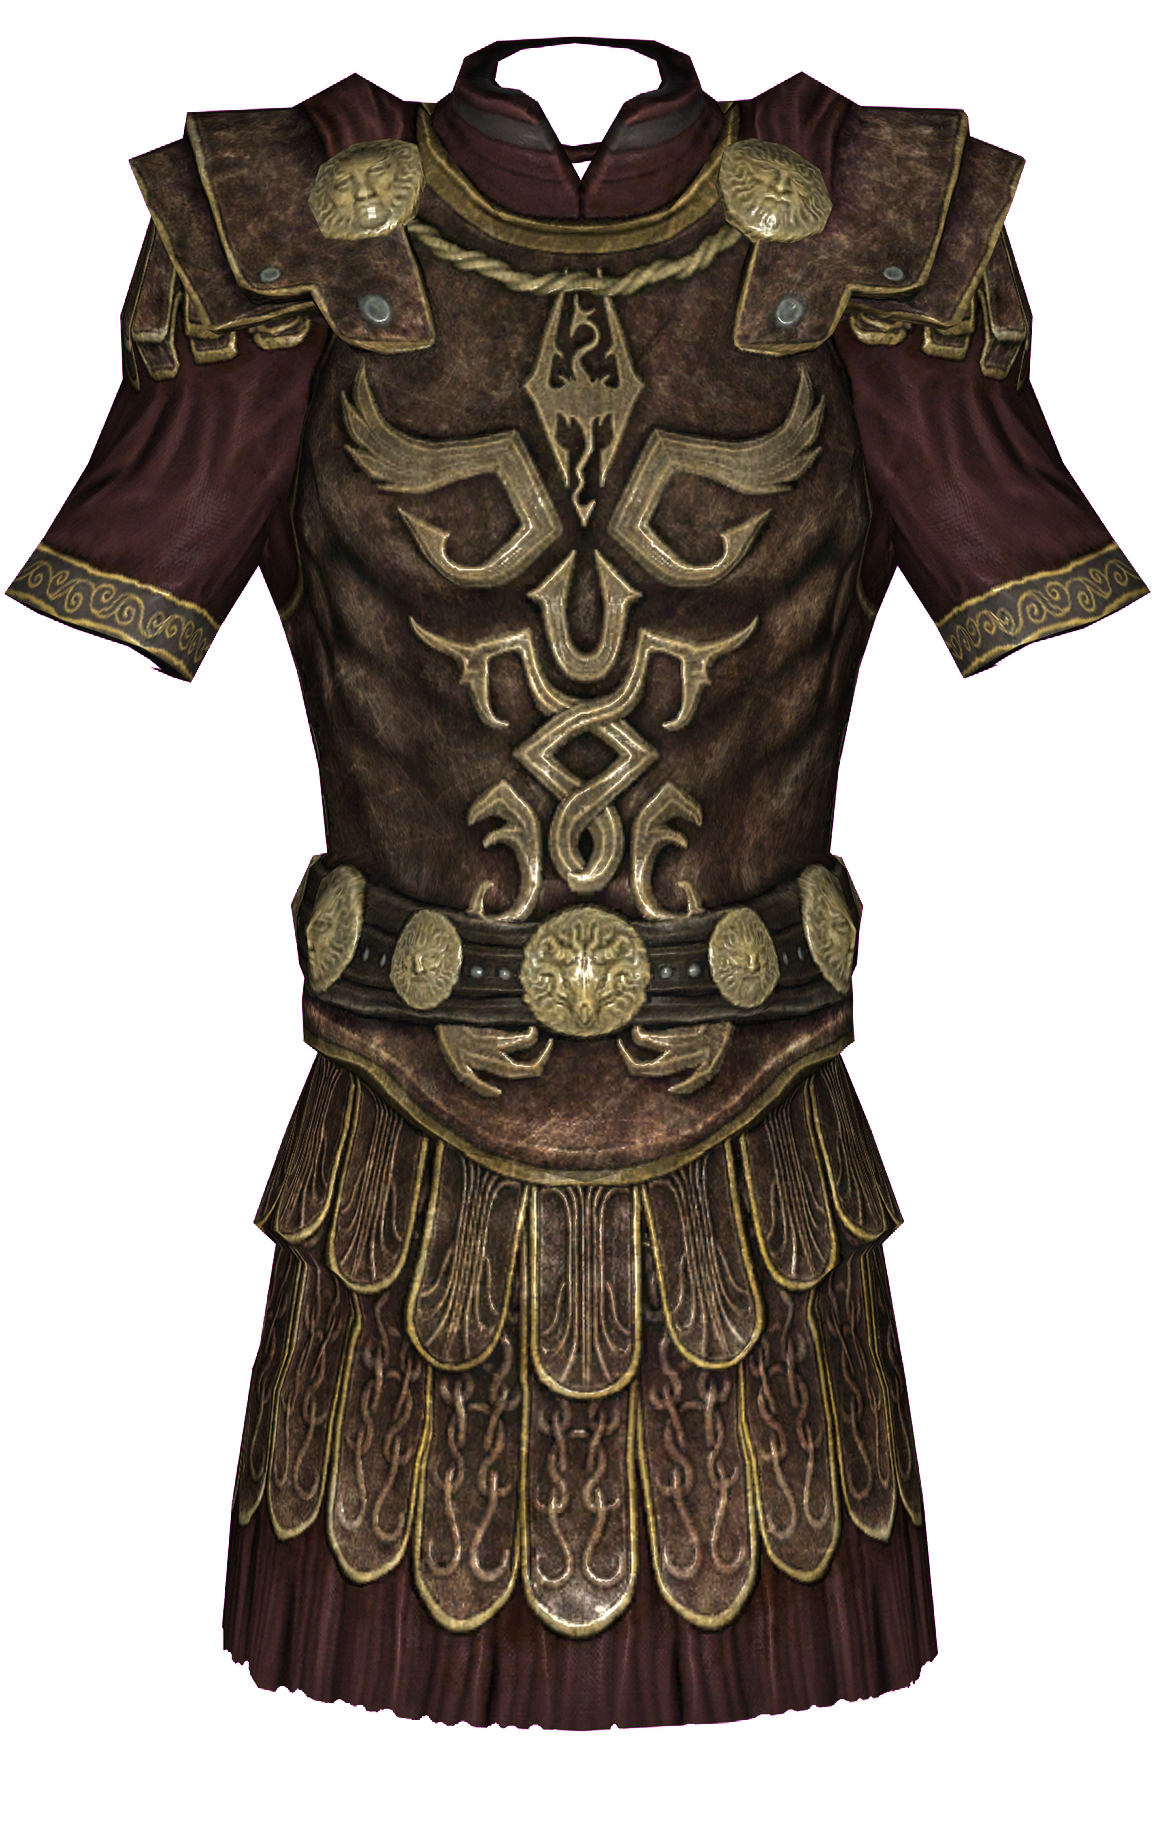 General Tullius' Armor